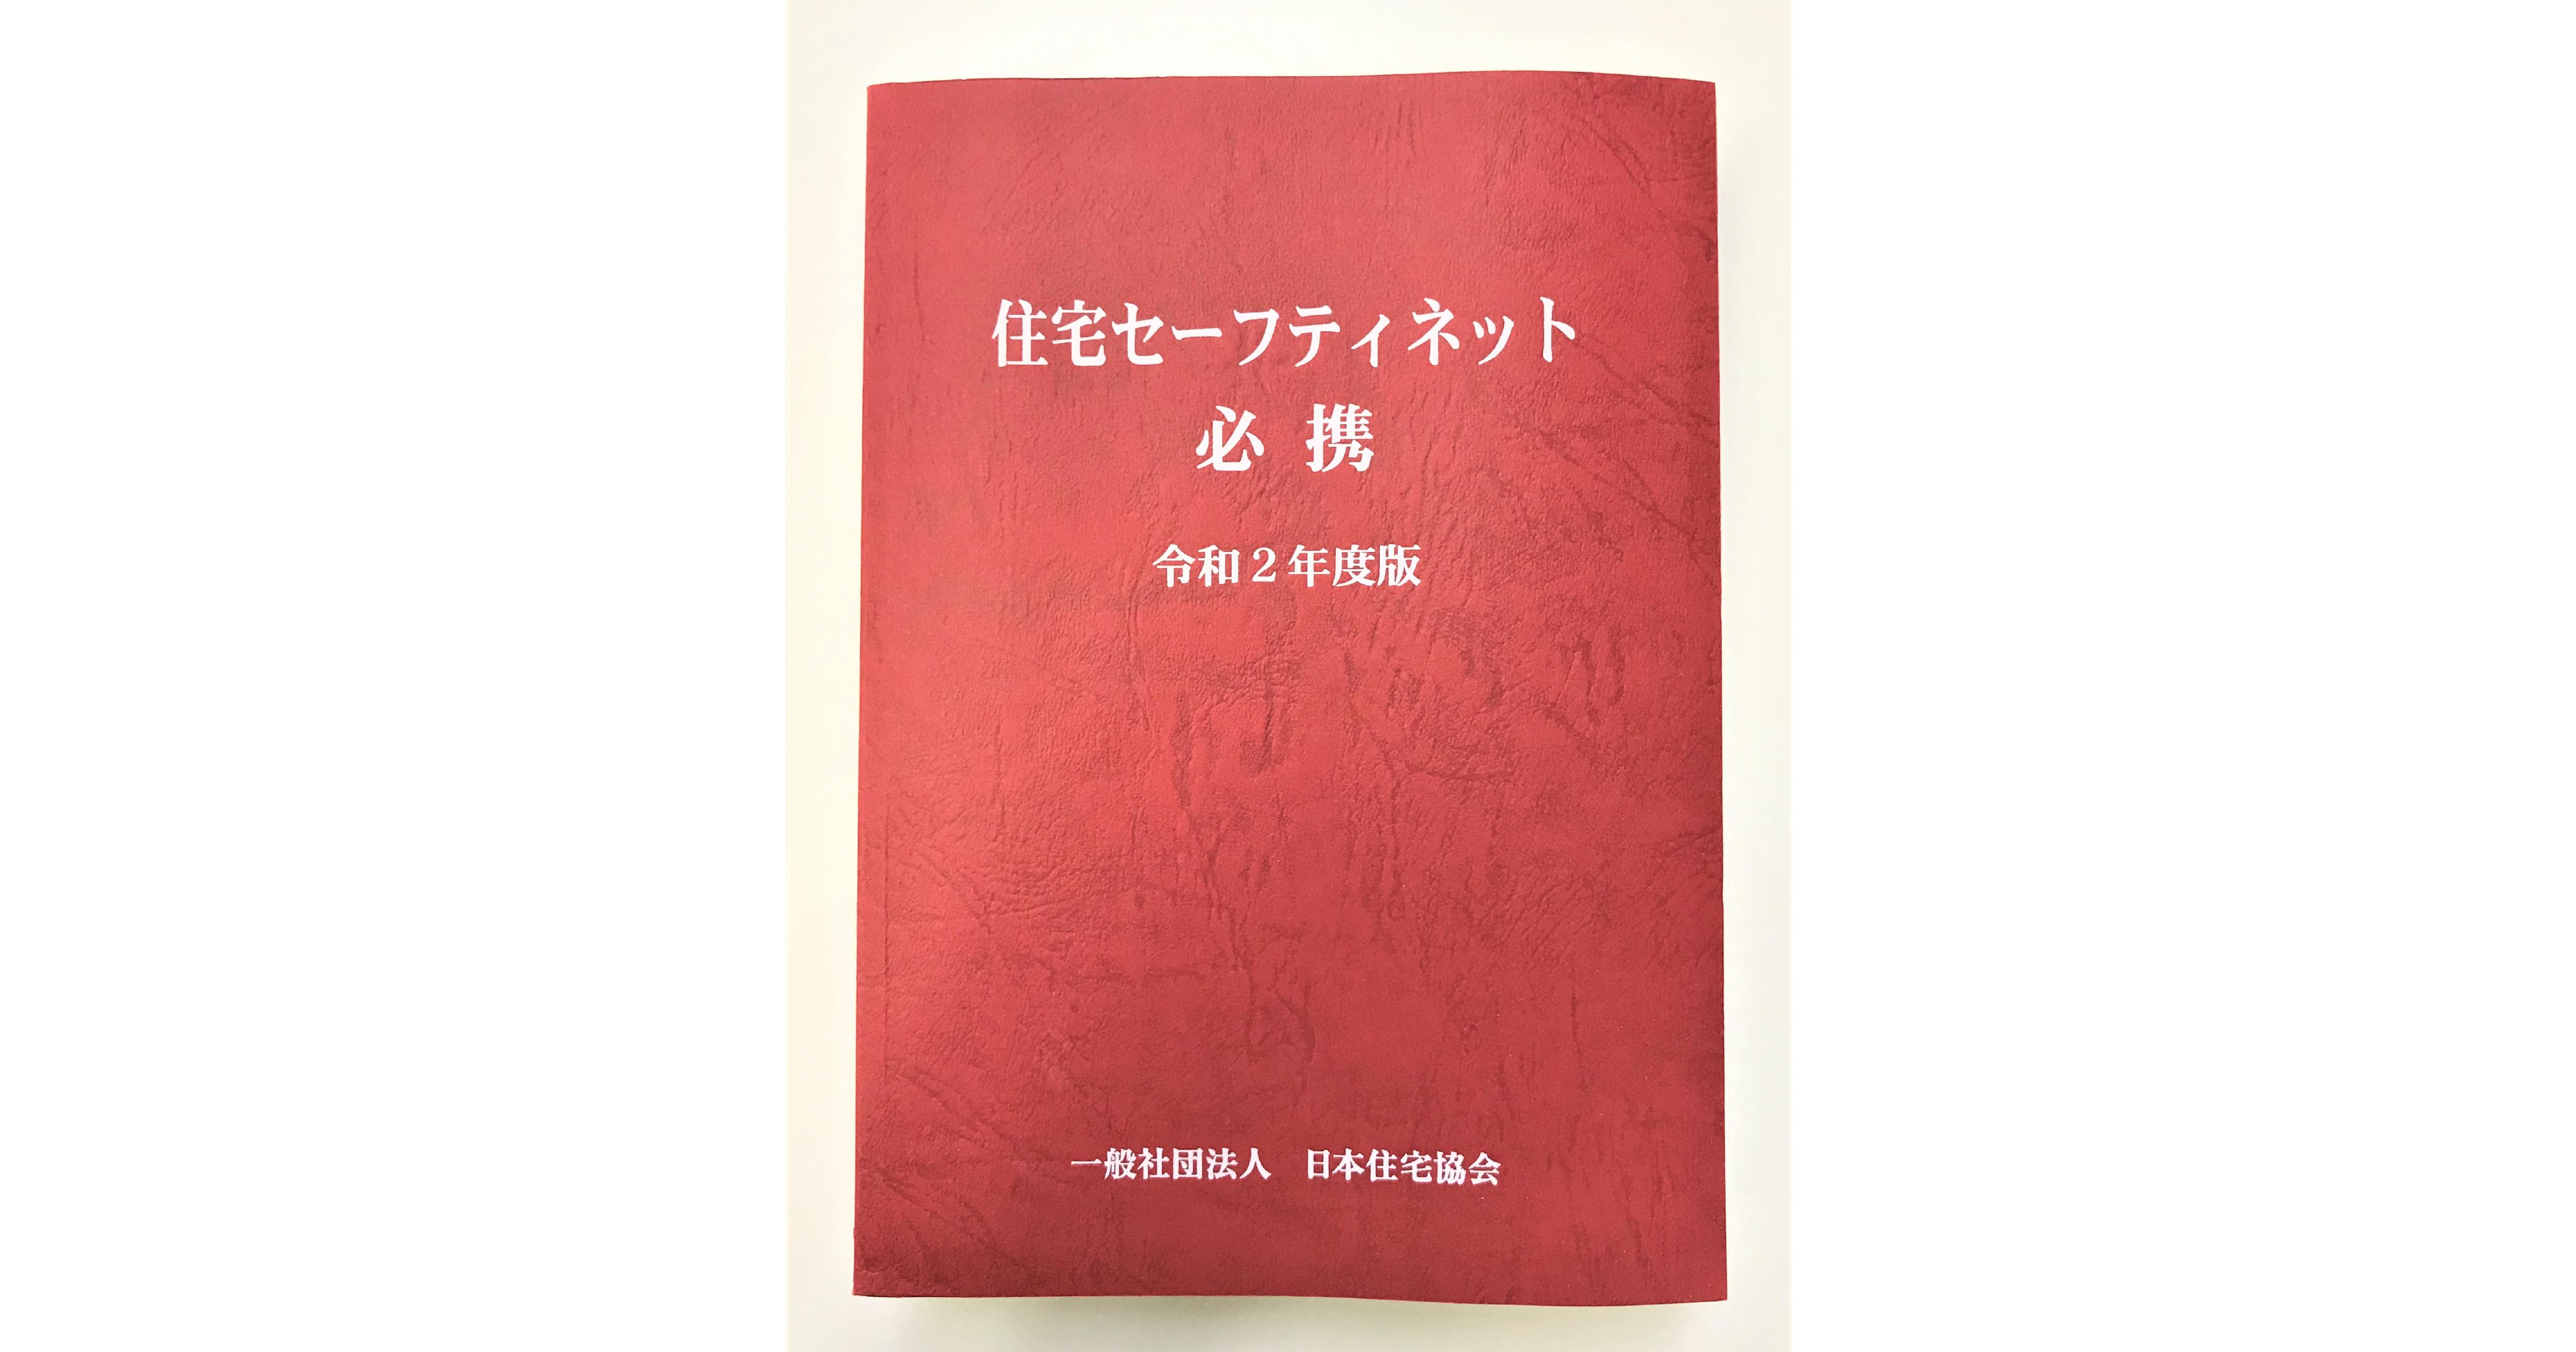 (一社)日本住宅協会様/住宅セーフティネット必携